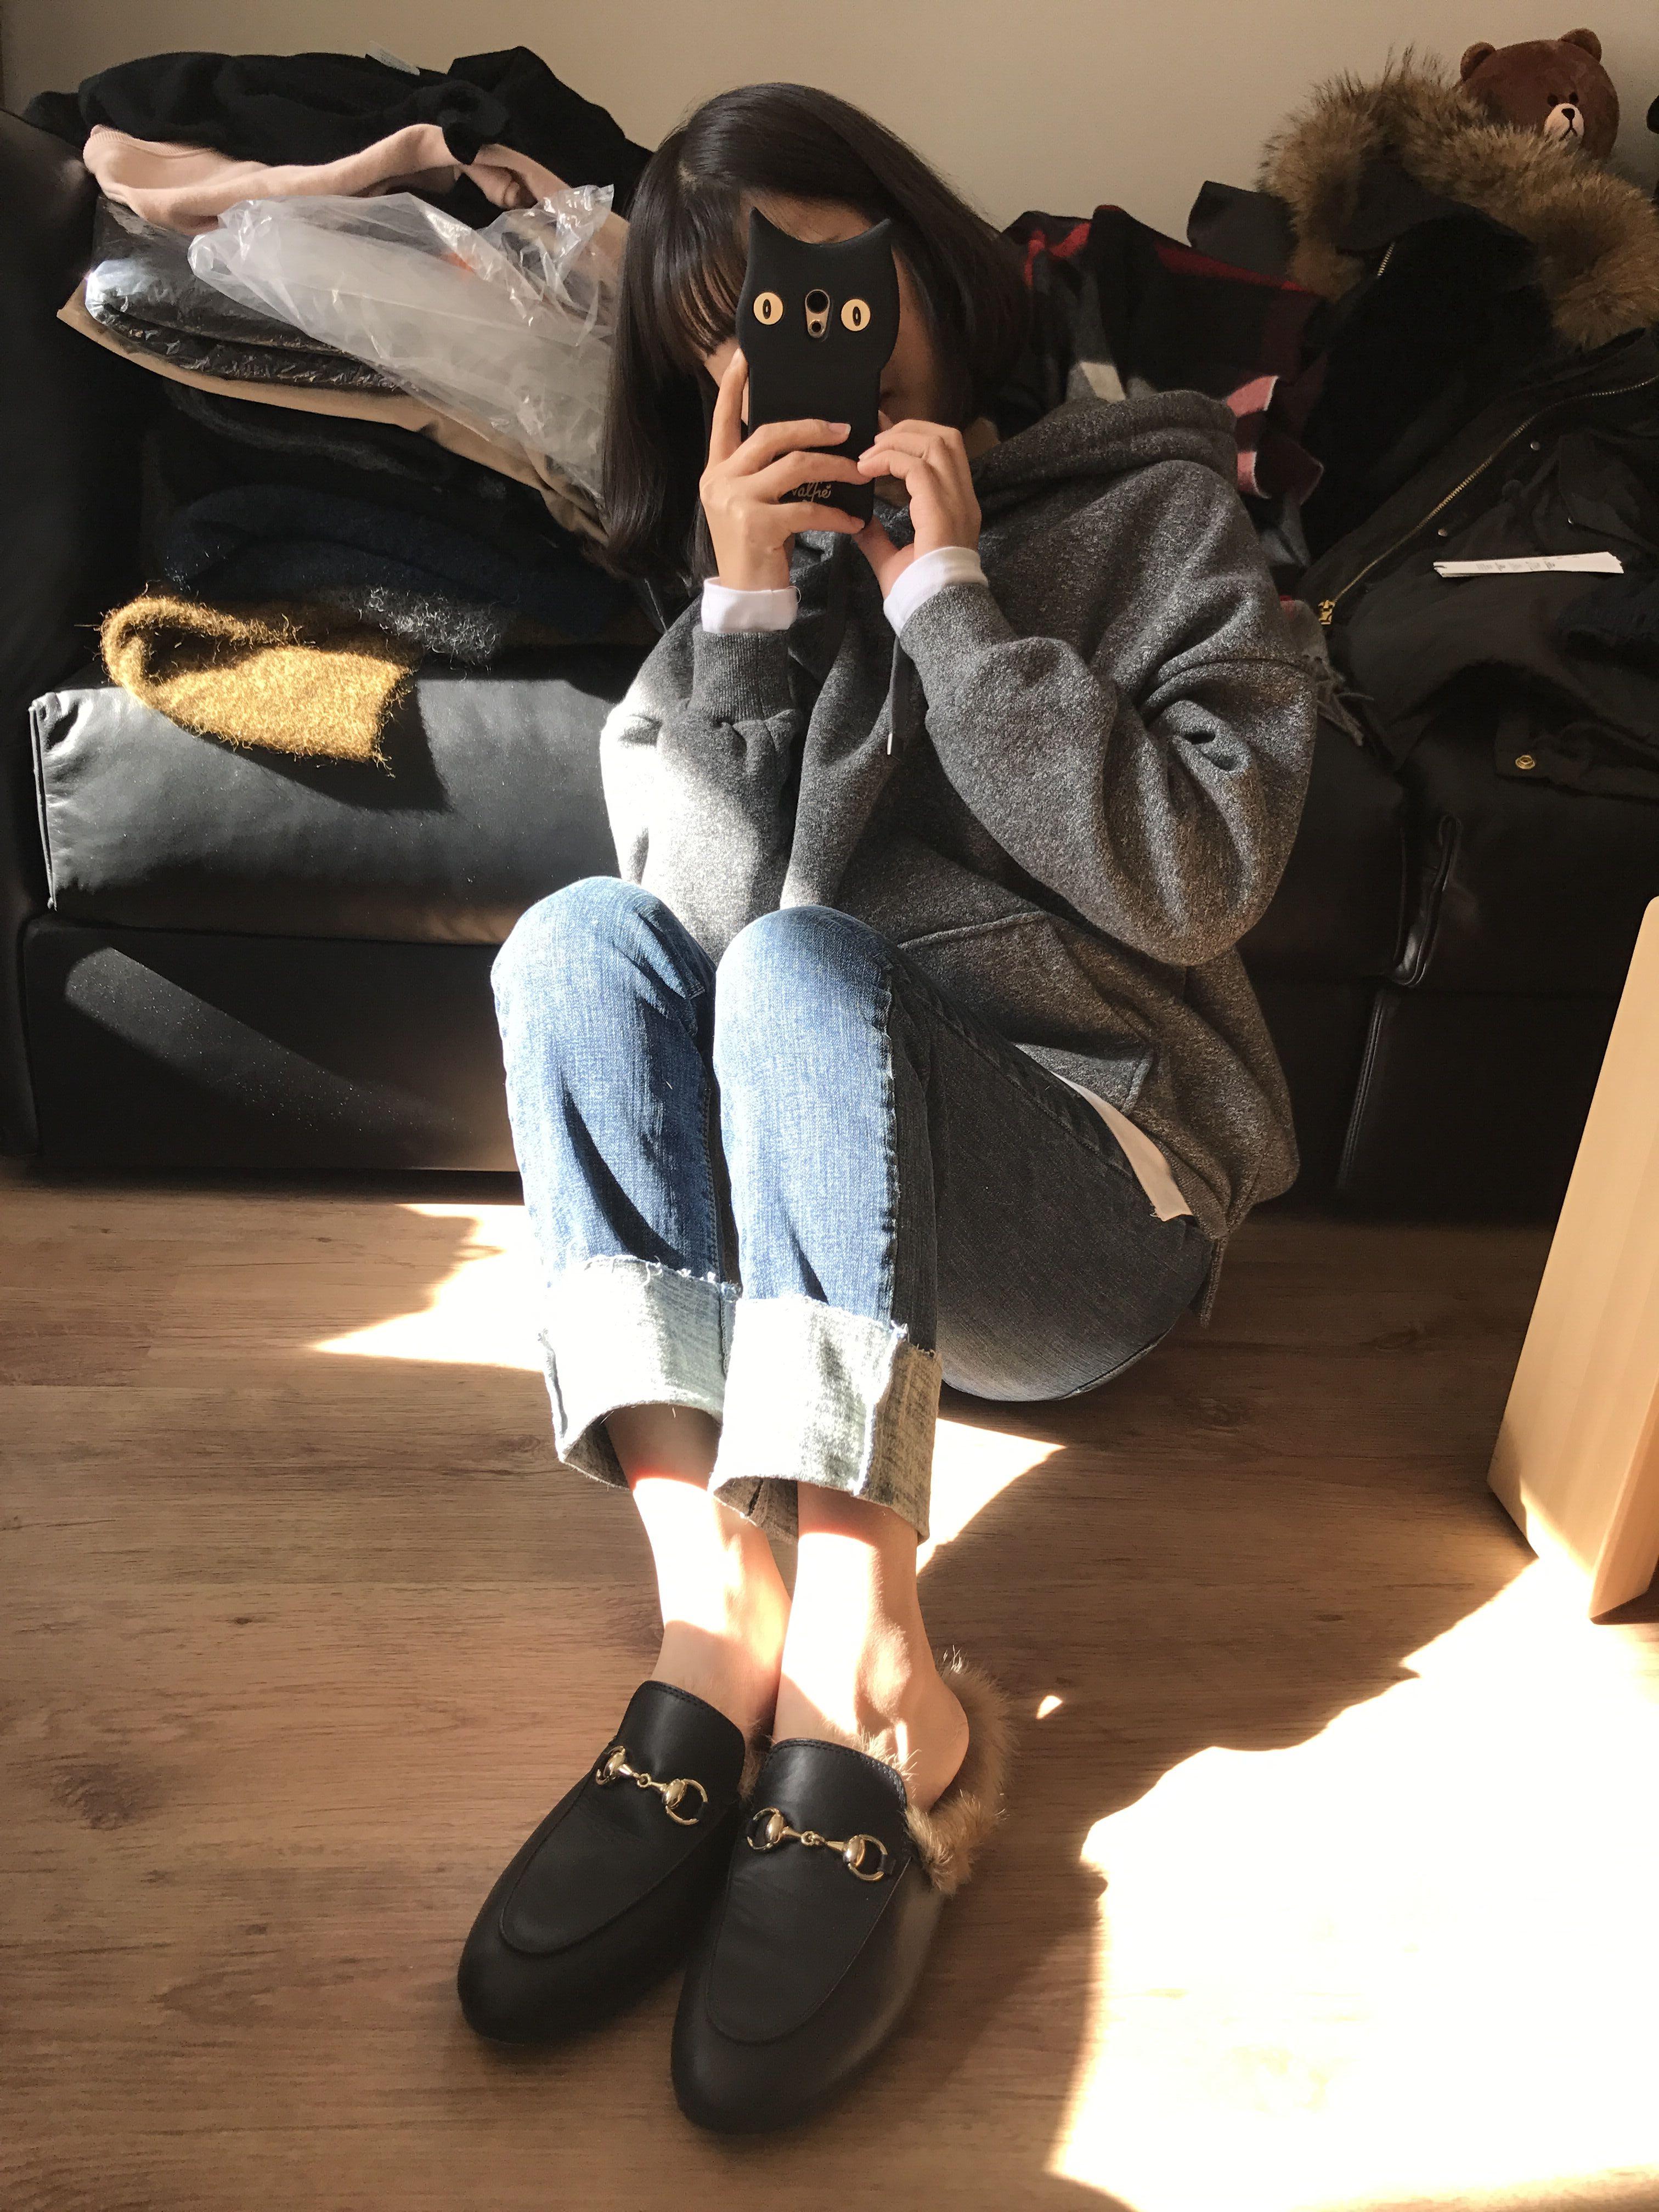 Толстовка женская Kitchclassic семьи Ринглинг сохранил любовь Корейский диких с капюшоном поддельные из двух частей ленивый свитер 2 цвета